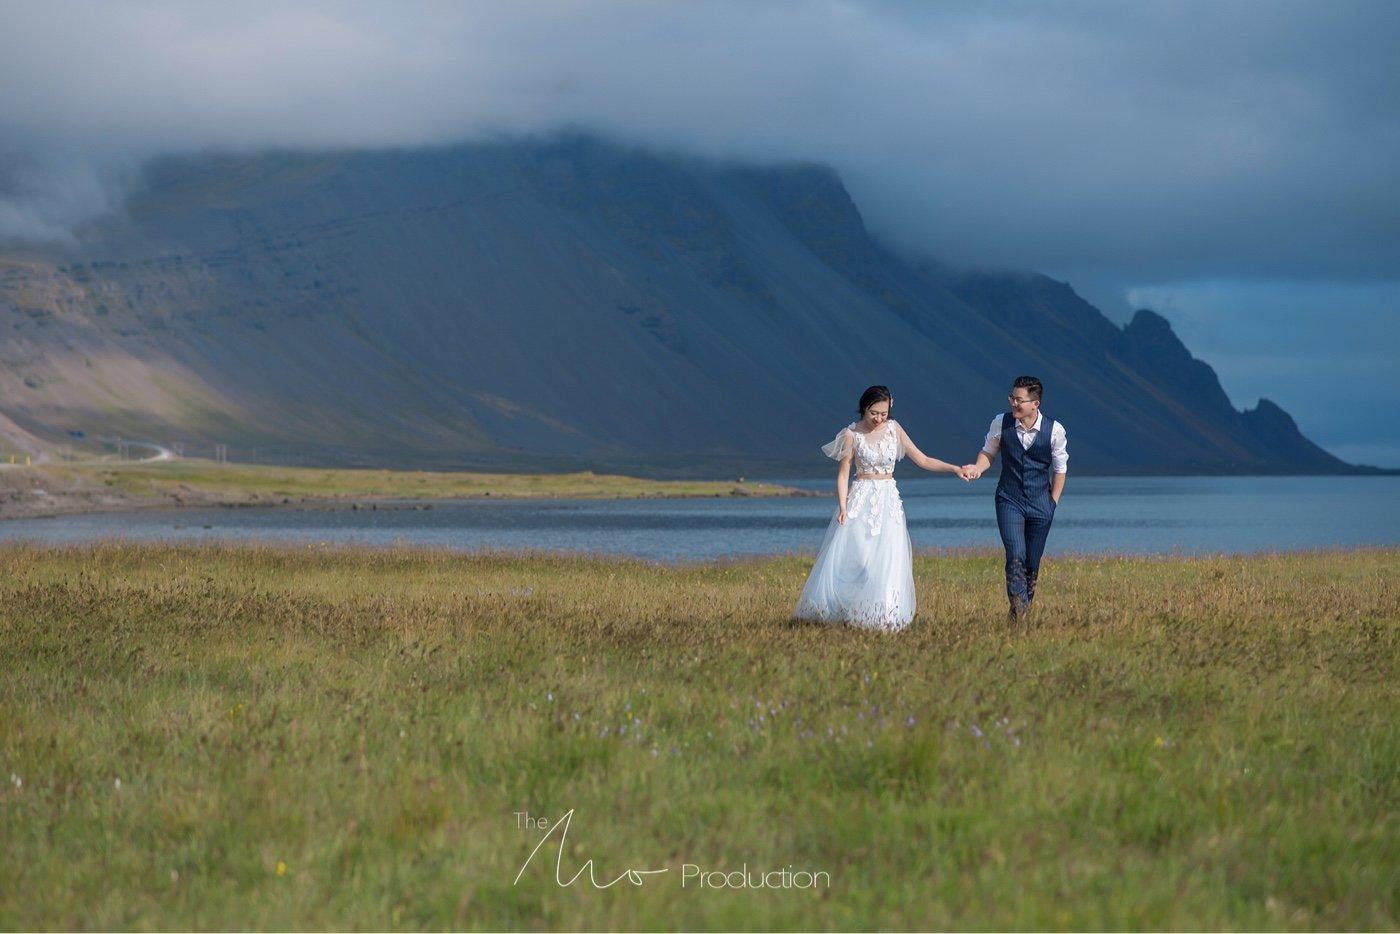 MoFoTo 冰岛婚纱旅拍39